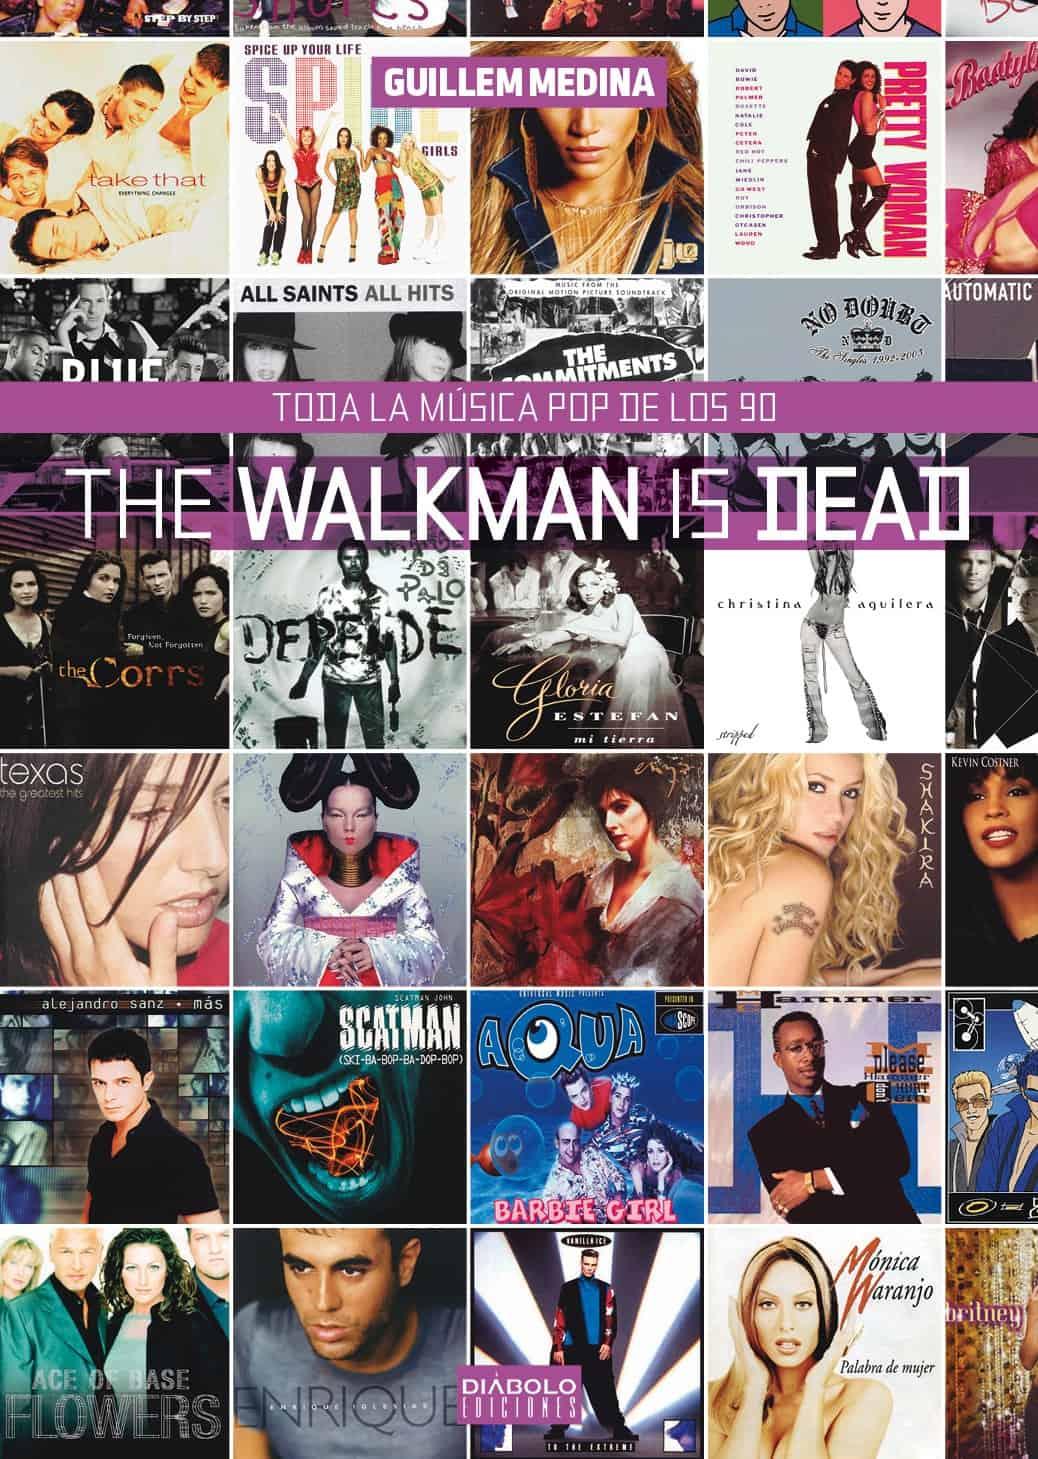 THE WALKMAN IS DEAD. TODA LA MUSICA POP DE LOS 90